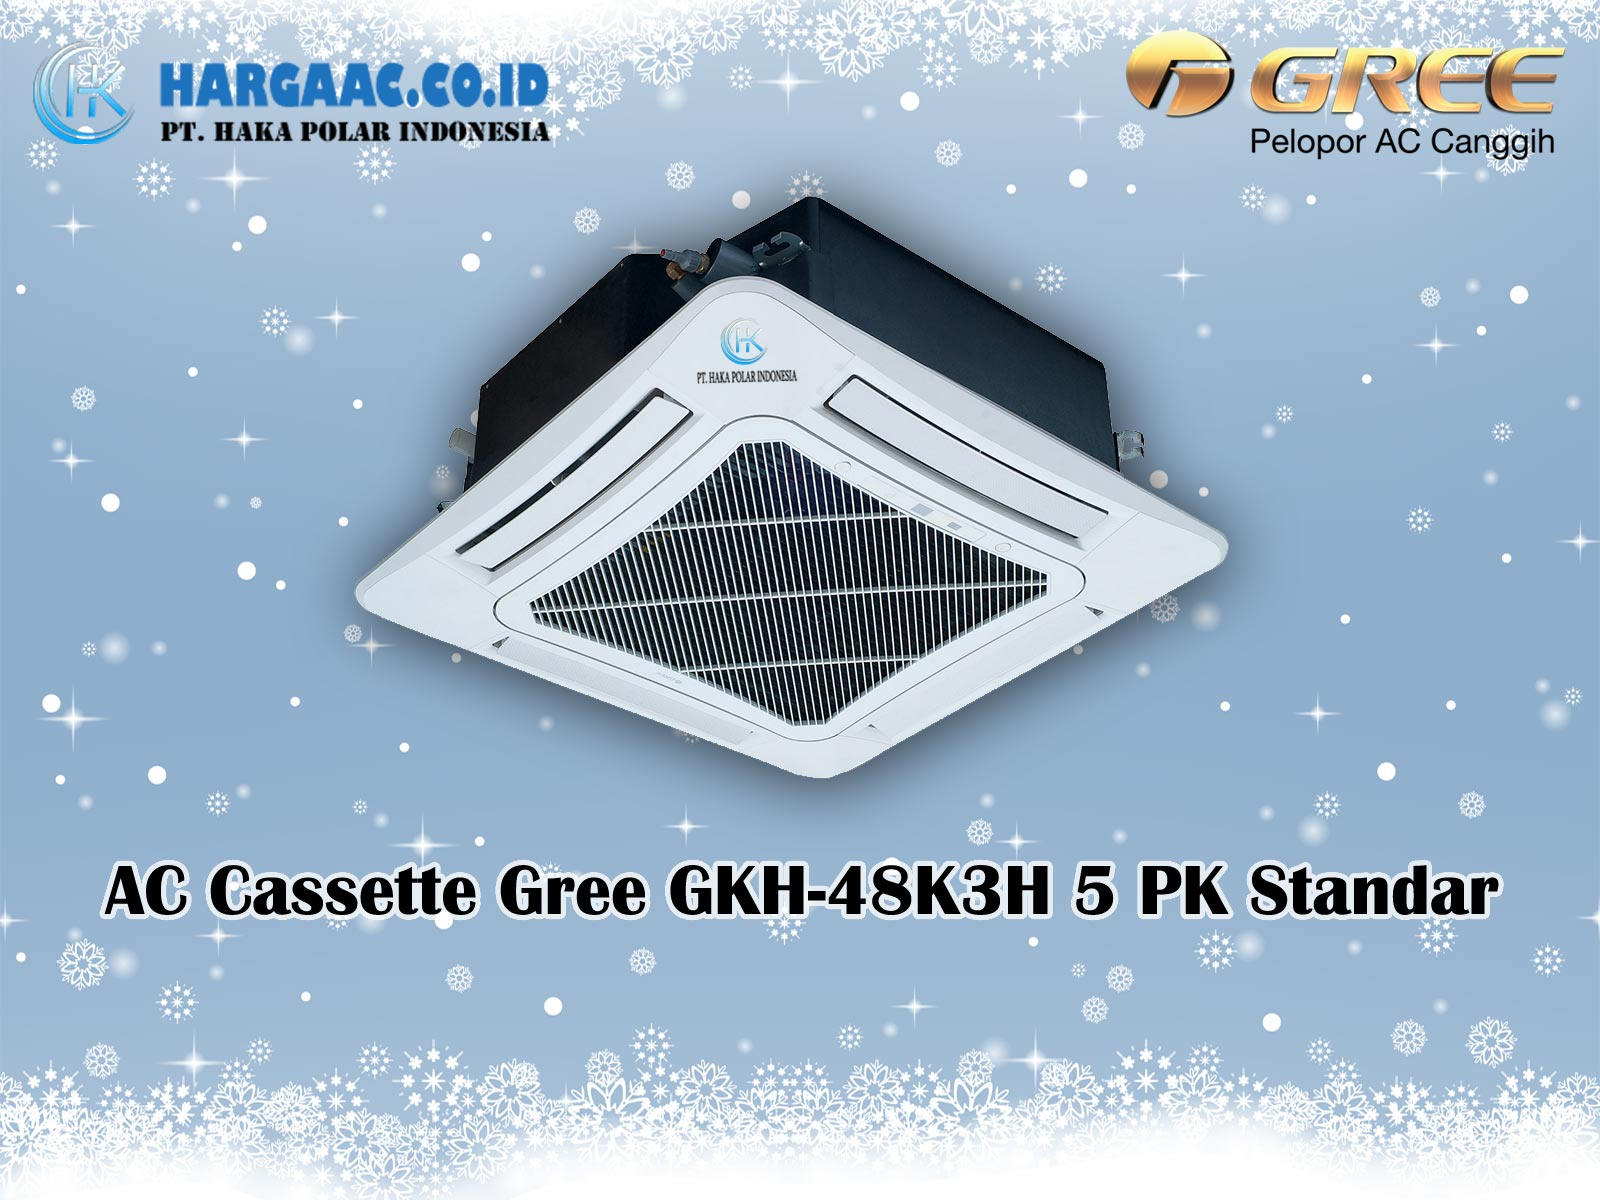 Air Curtain Merk Gree Design Lajada 1 Pk Fm K Putih Source Harga Jual Ac Cassette Gkh 48k3h 5 Standar R410a